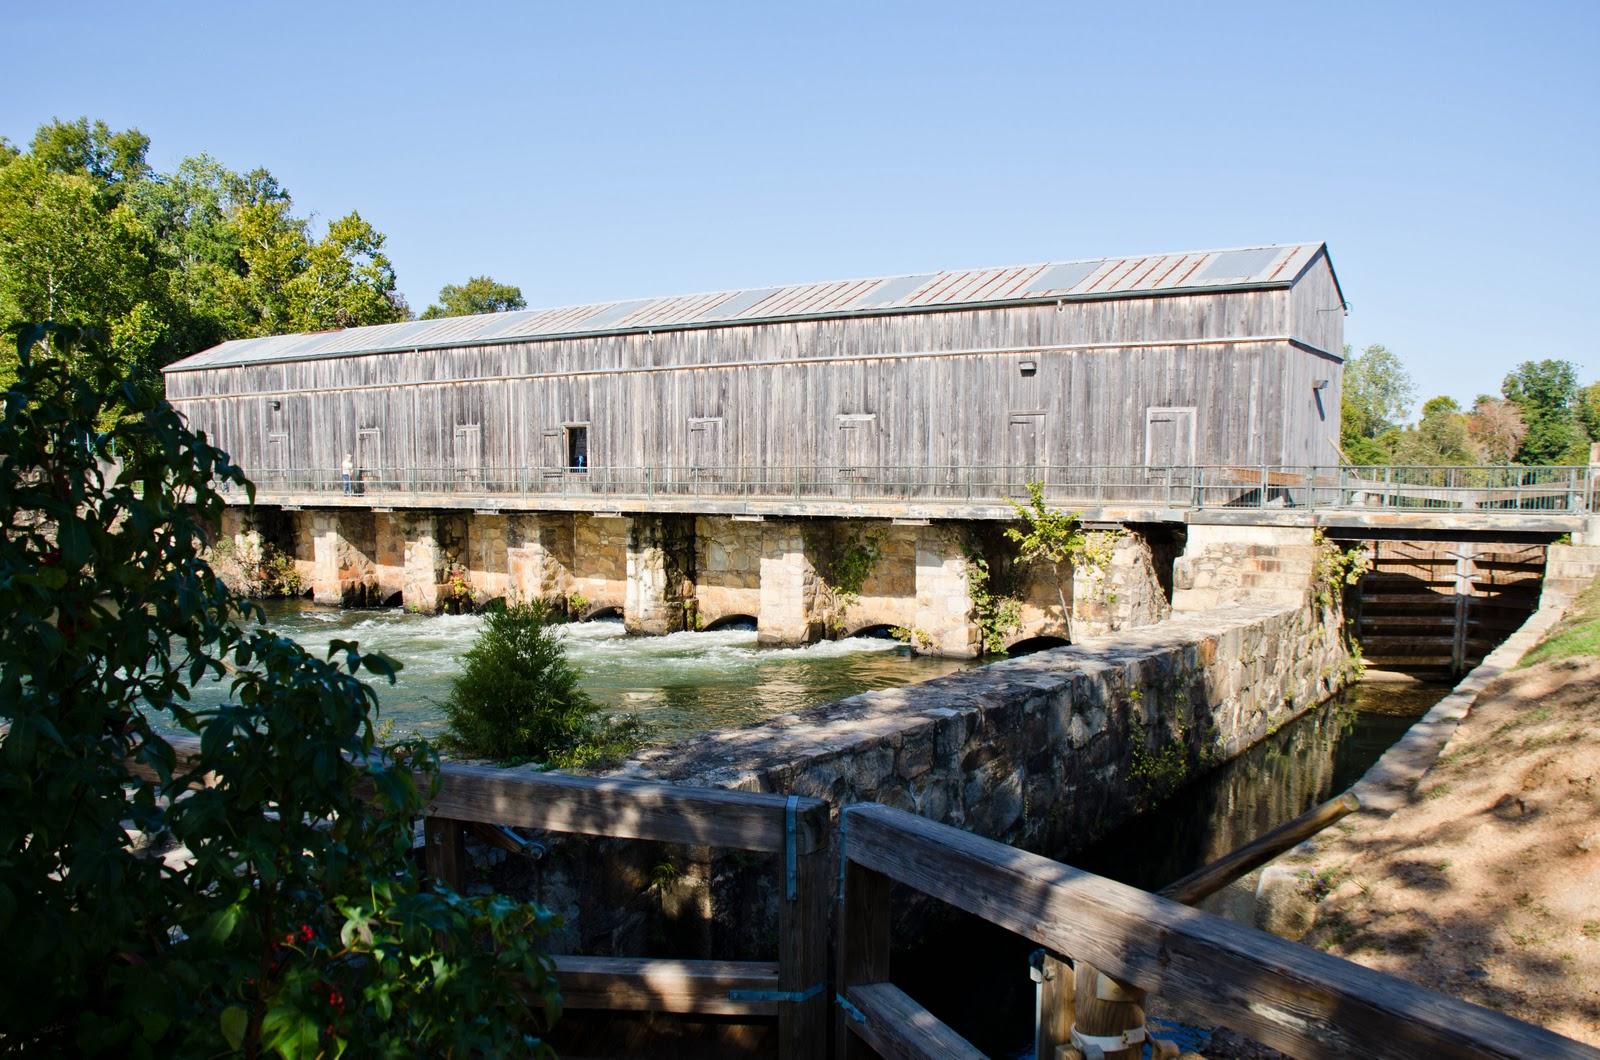 http://1.bp.blogspot.com/-CObn0DJBP28/TpP4J_ovGCI/AAAAAAAAAo0/2cipocDMrRg/s1600/Augusta+Canal+Gatehouse.jpg